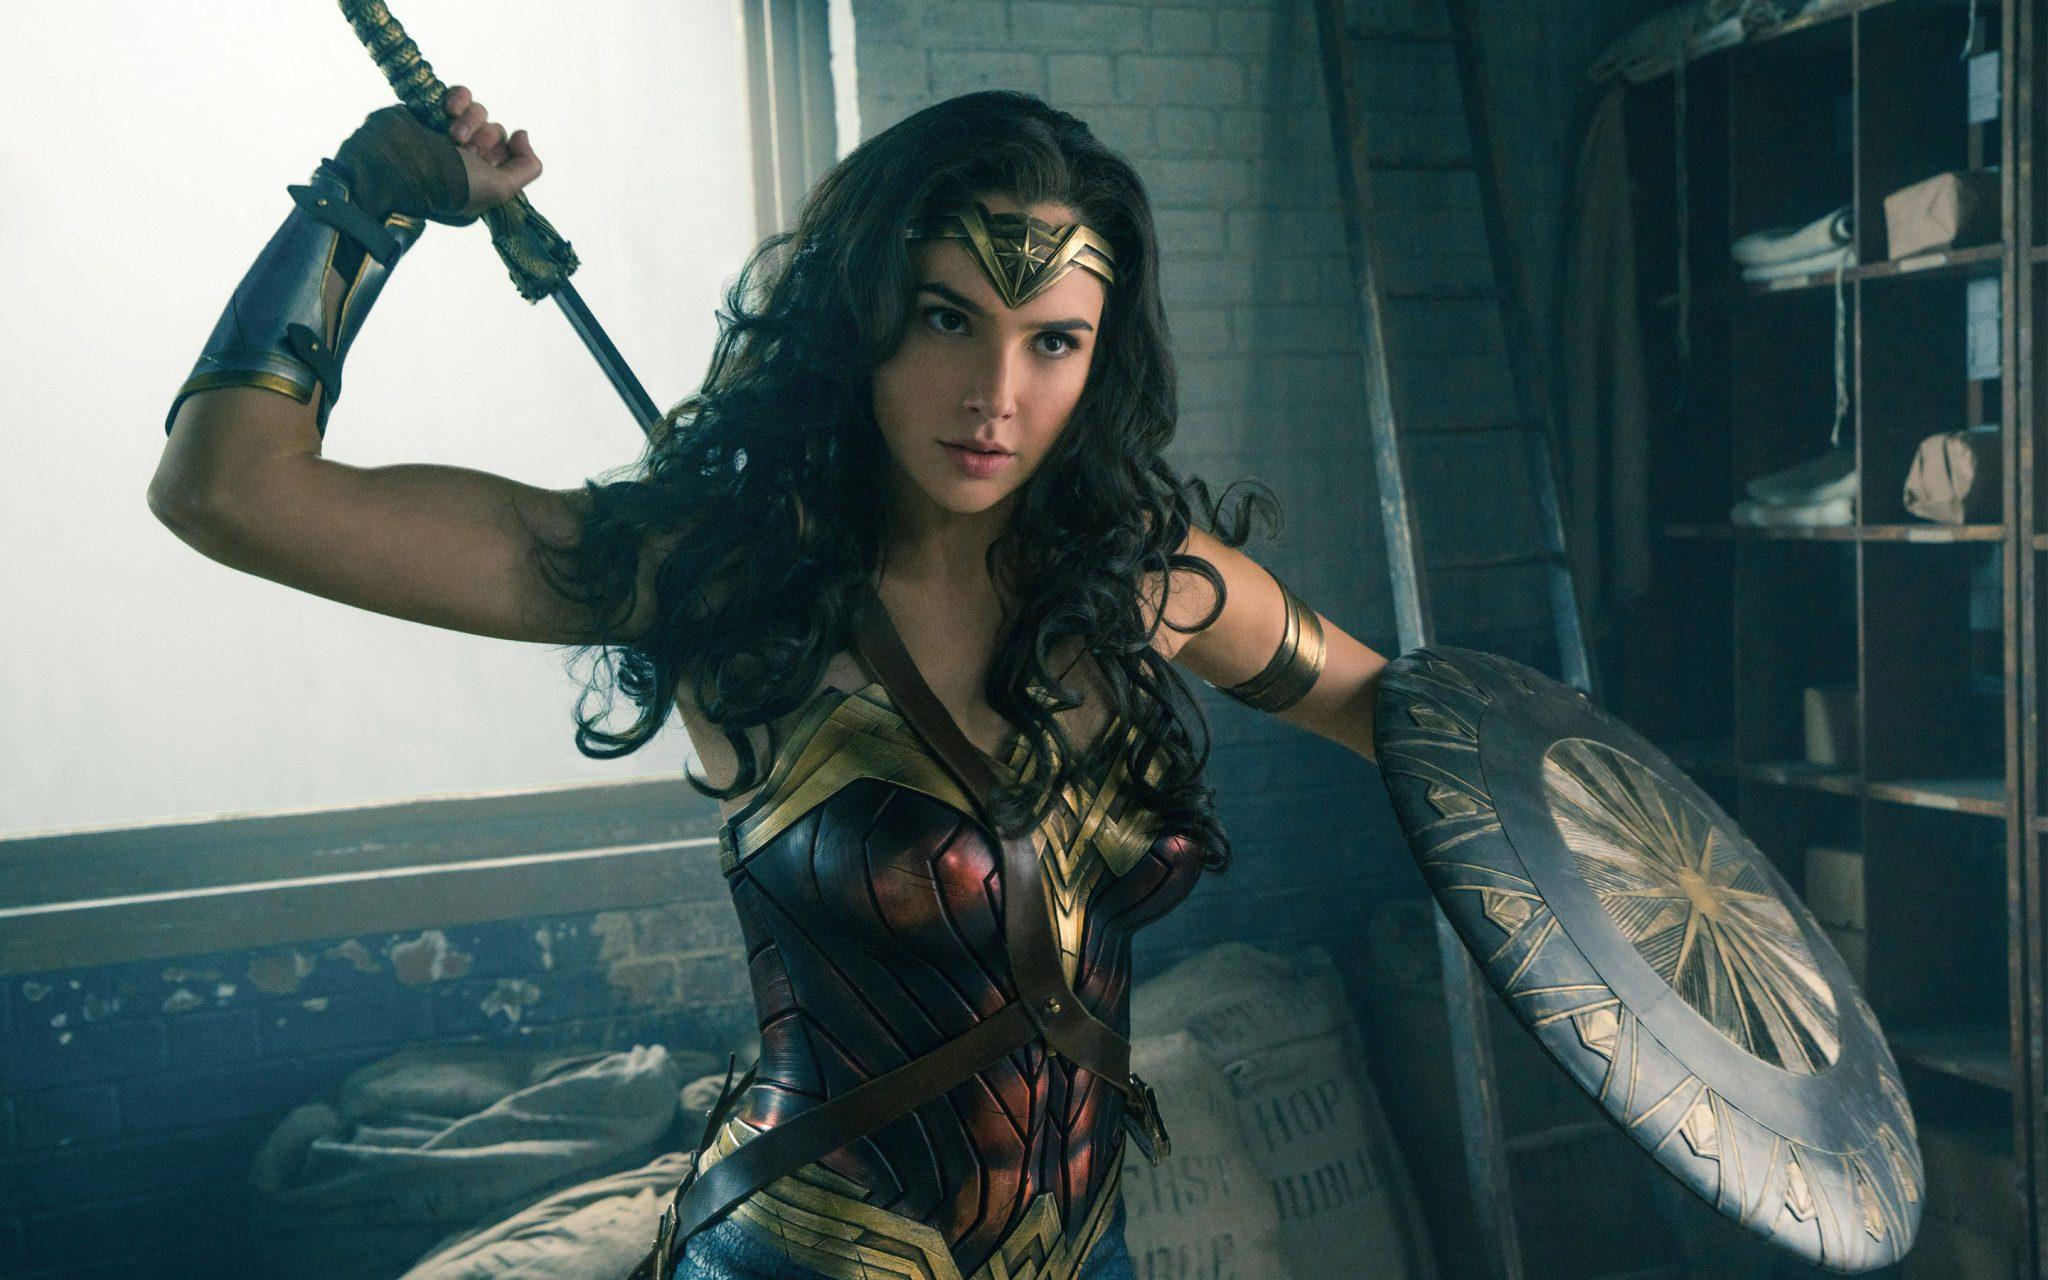 Wonder_Woman_Gal_Gadot